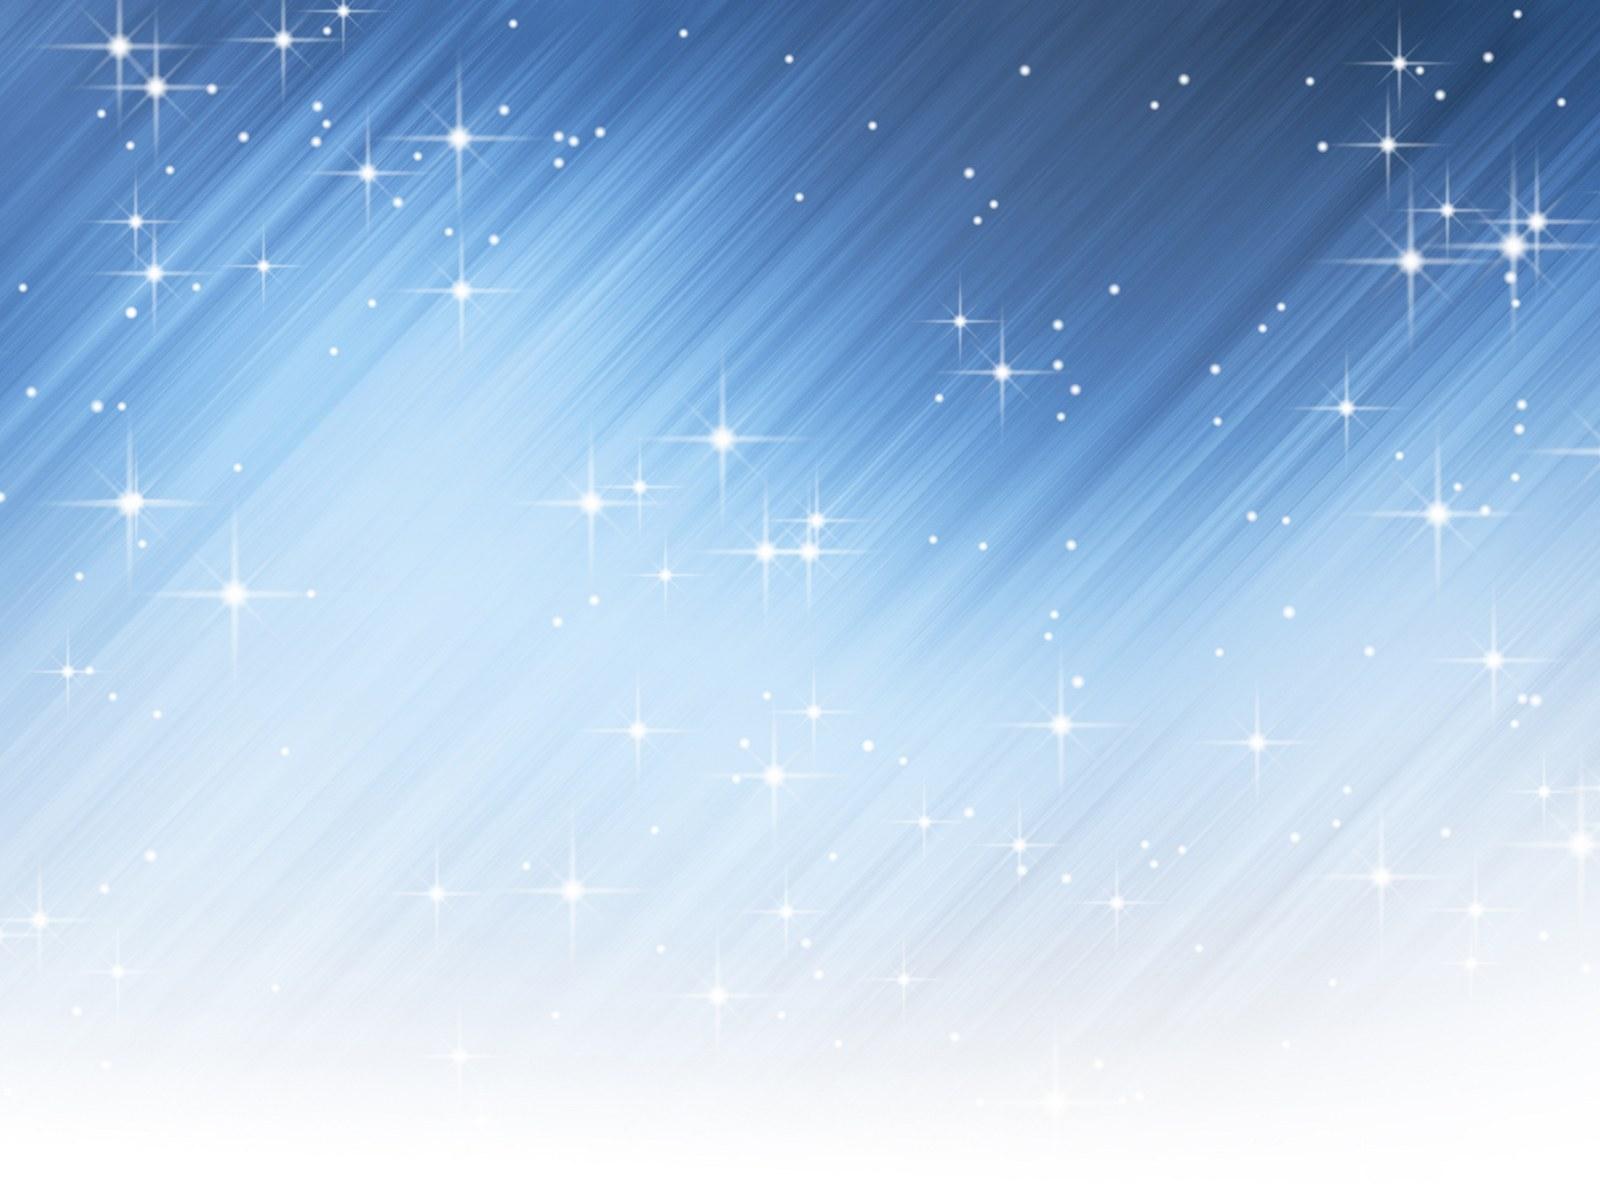 Blue Wallpaper Light Vector Background 1600x1200